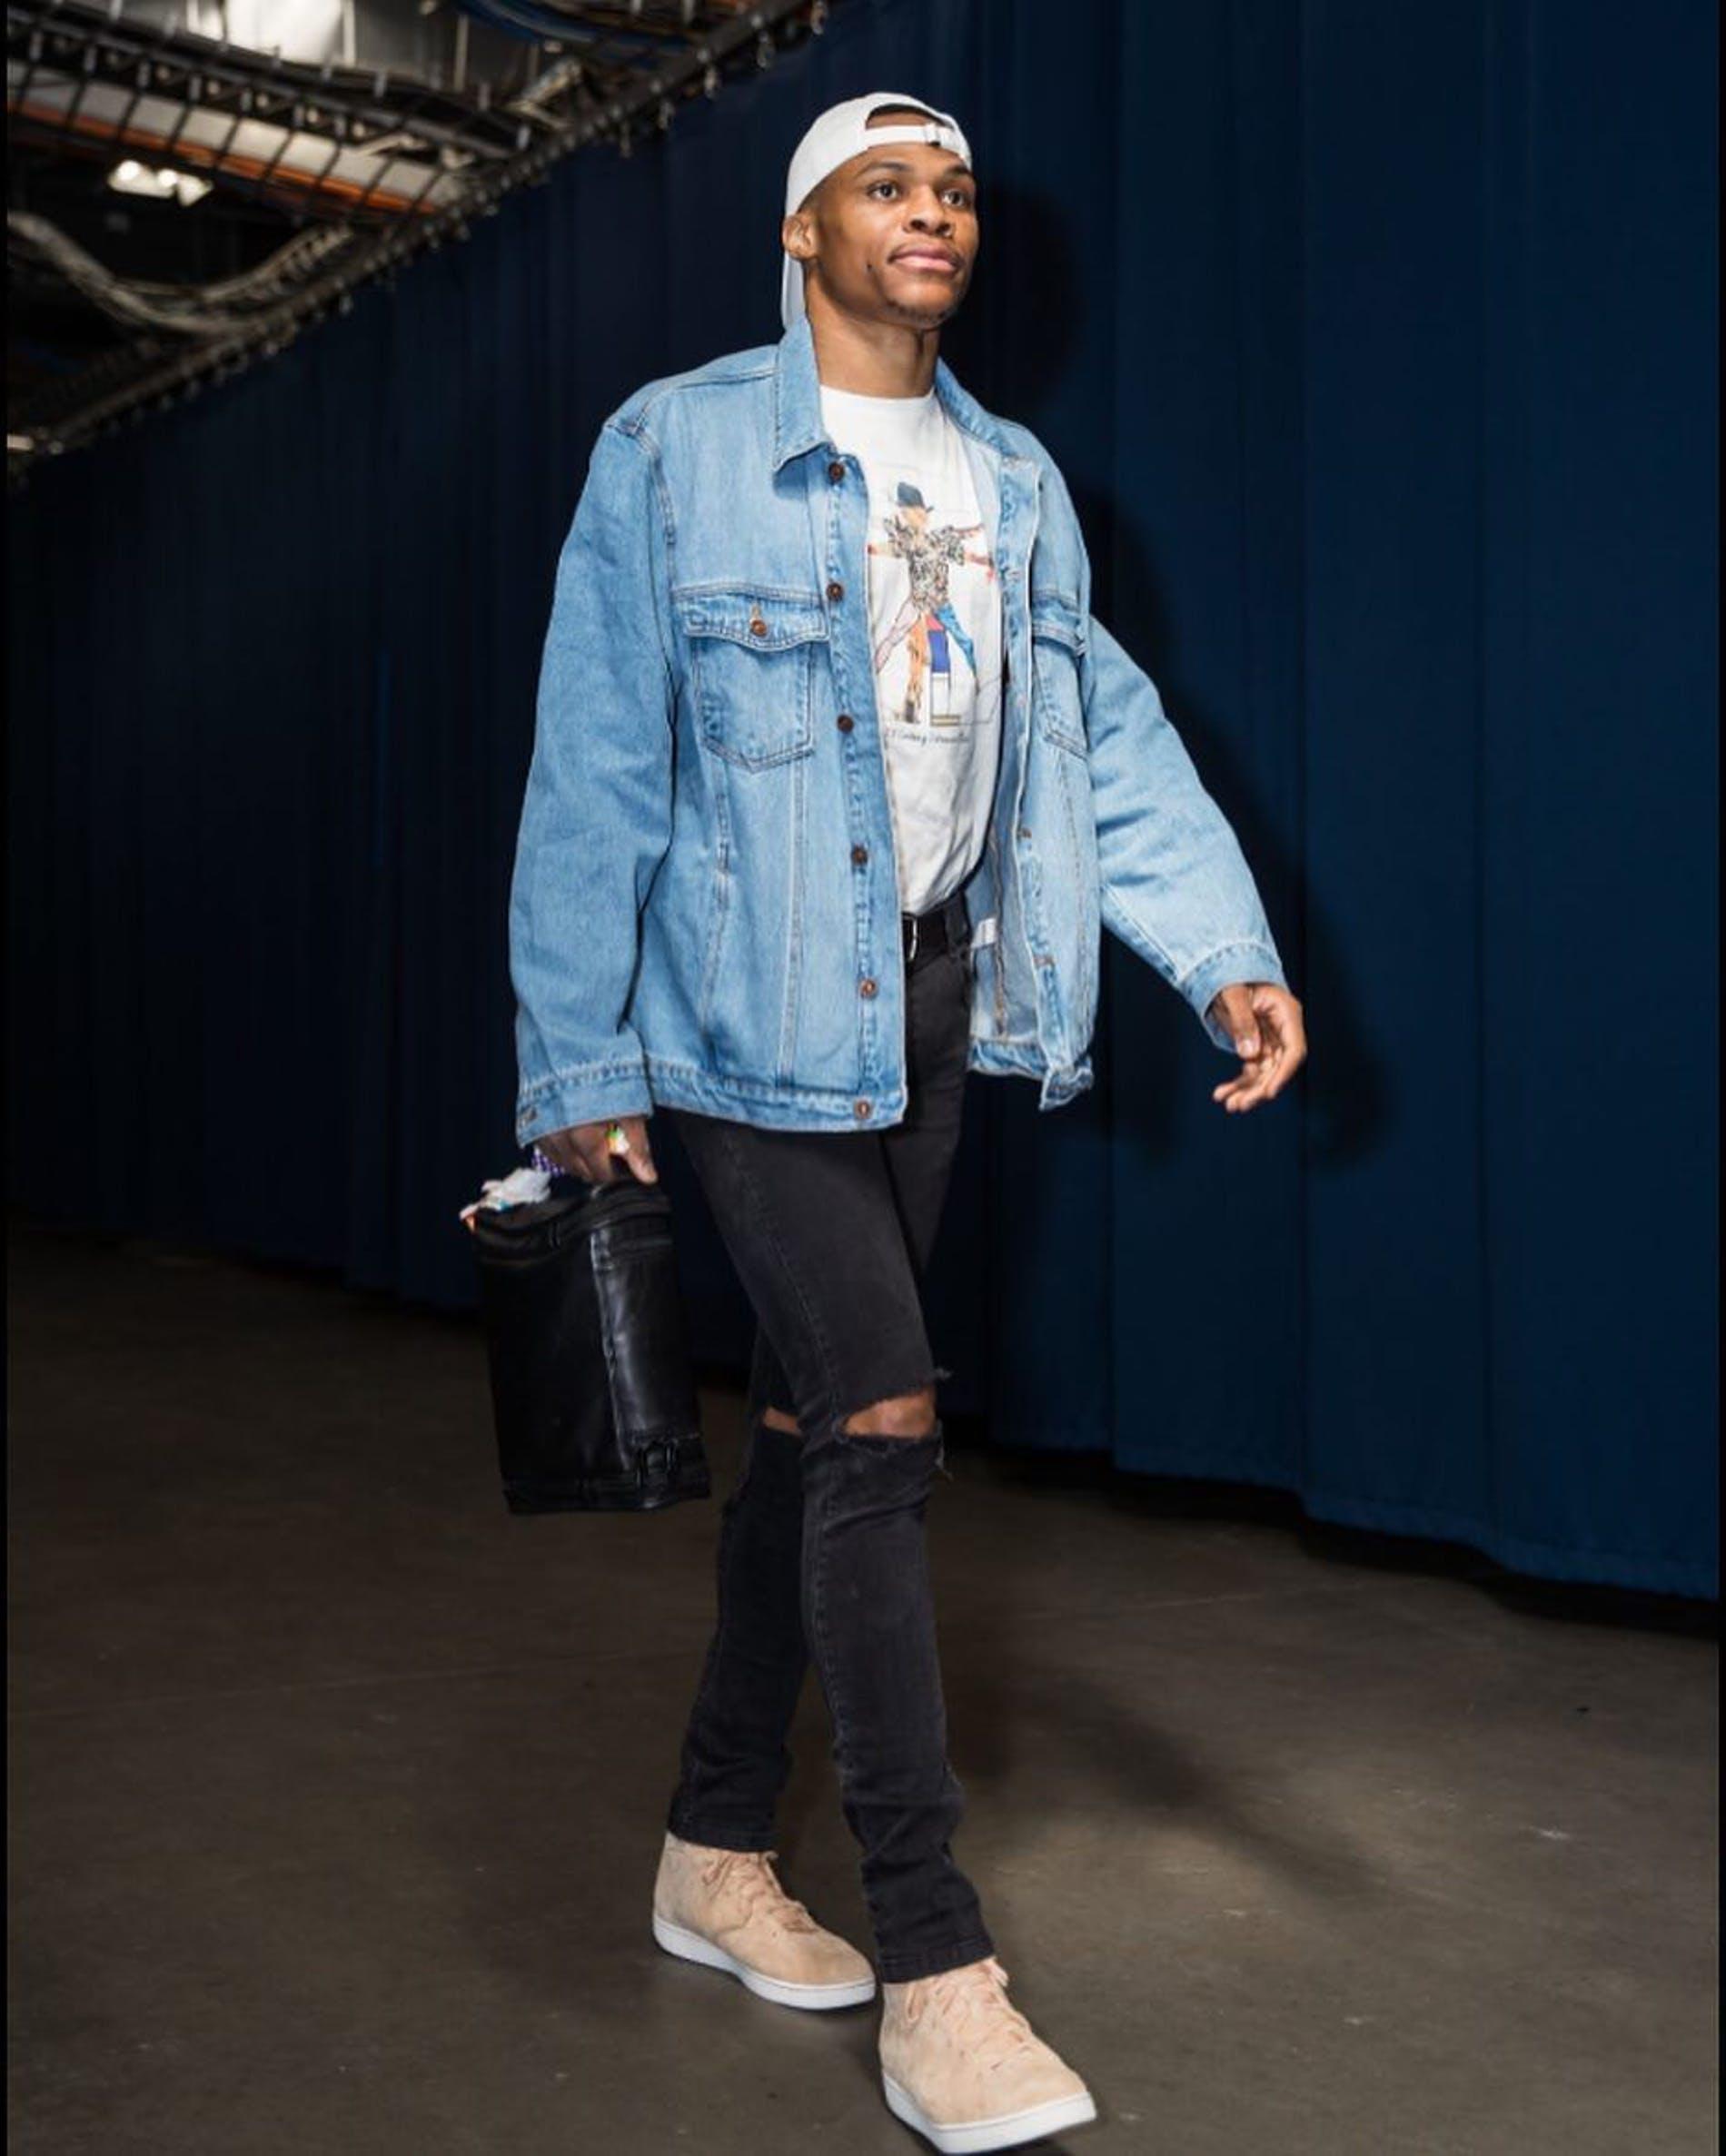 Russell Westbrook Talvez o mais icônico jogador da lista quando o assunto é moda. Famoso pelos figurinos ousados, mas que também mostram enorme conhecimento fashion, Westbrook tem seus dias de glória e seus dias de fúria na hora de se vestir. Por ambos fica aqui o nosso reconhecimento pela contribuição.